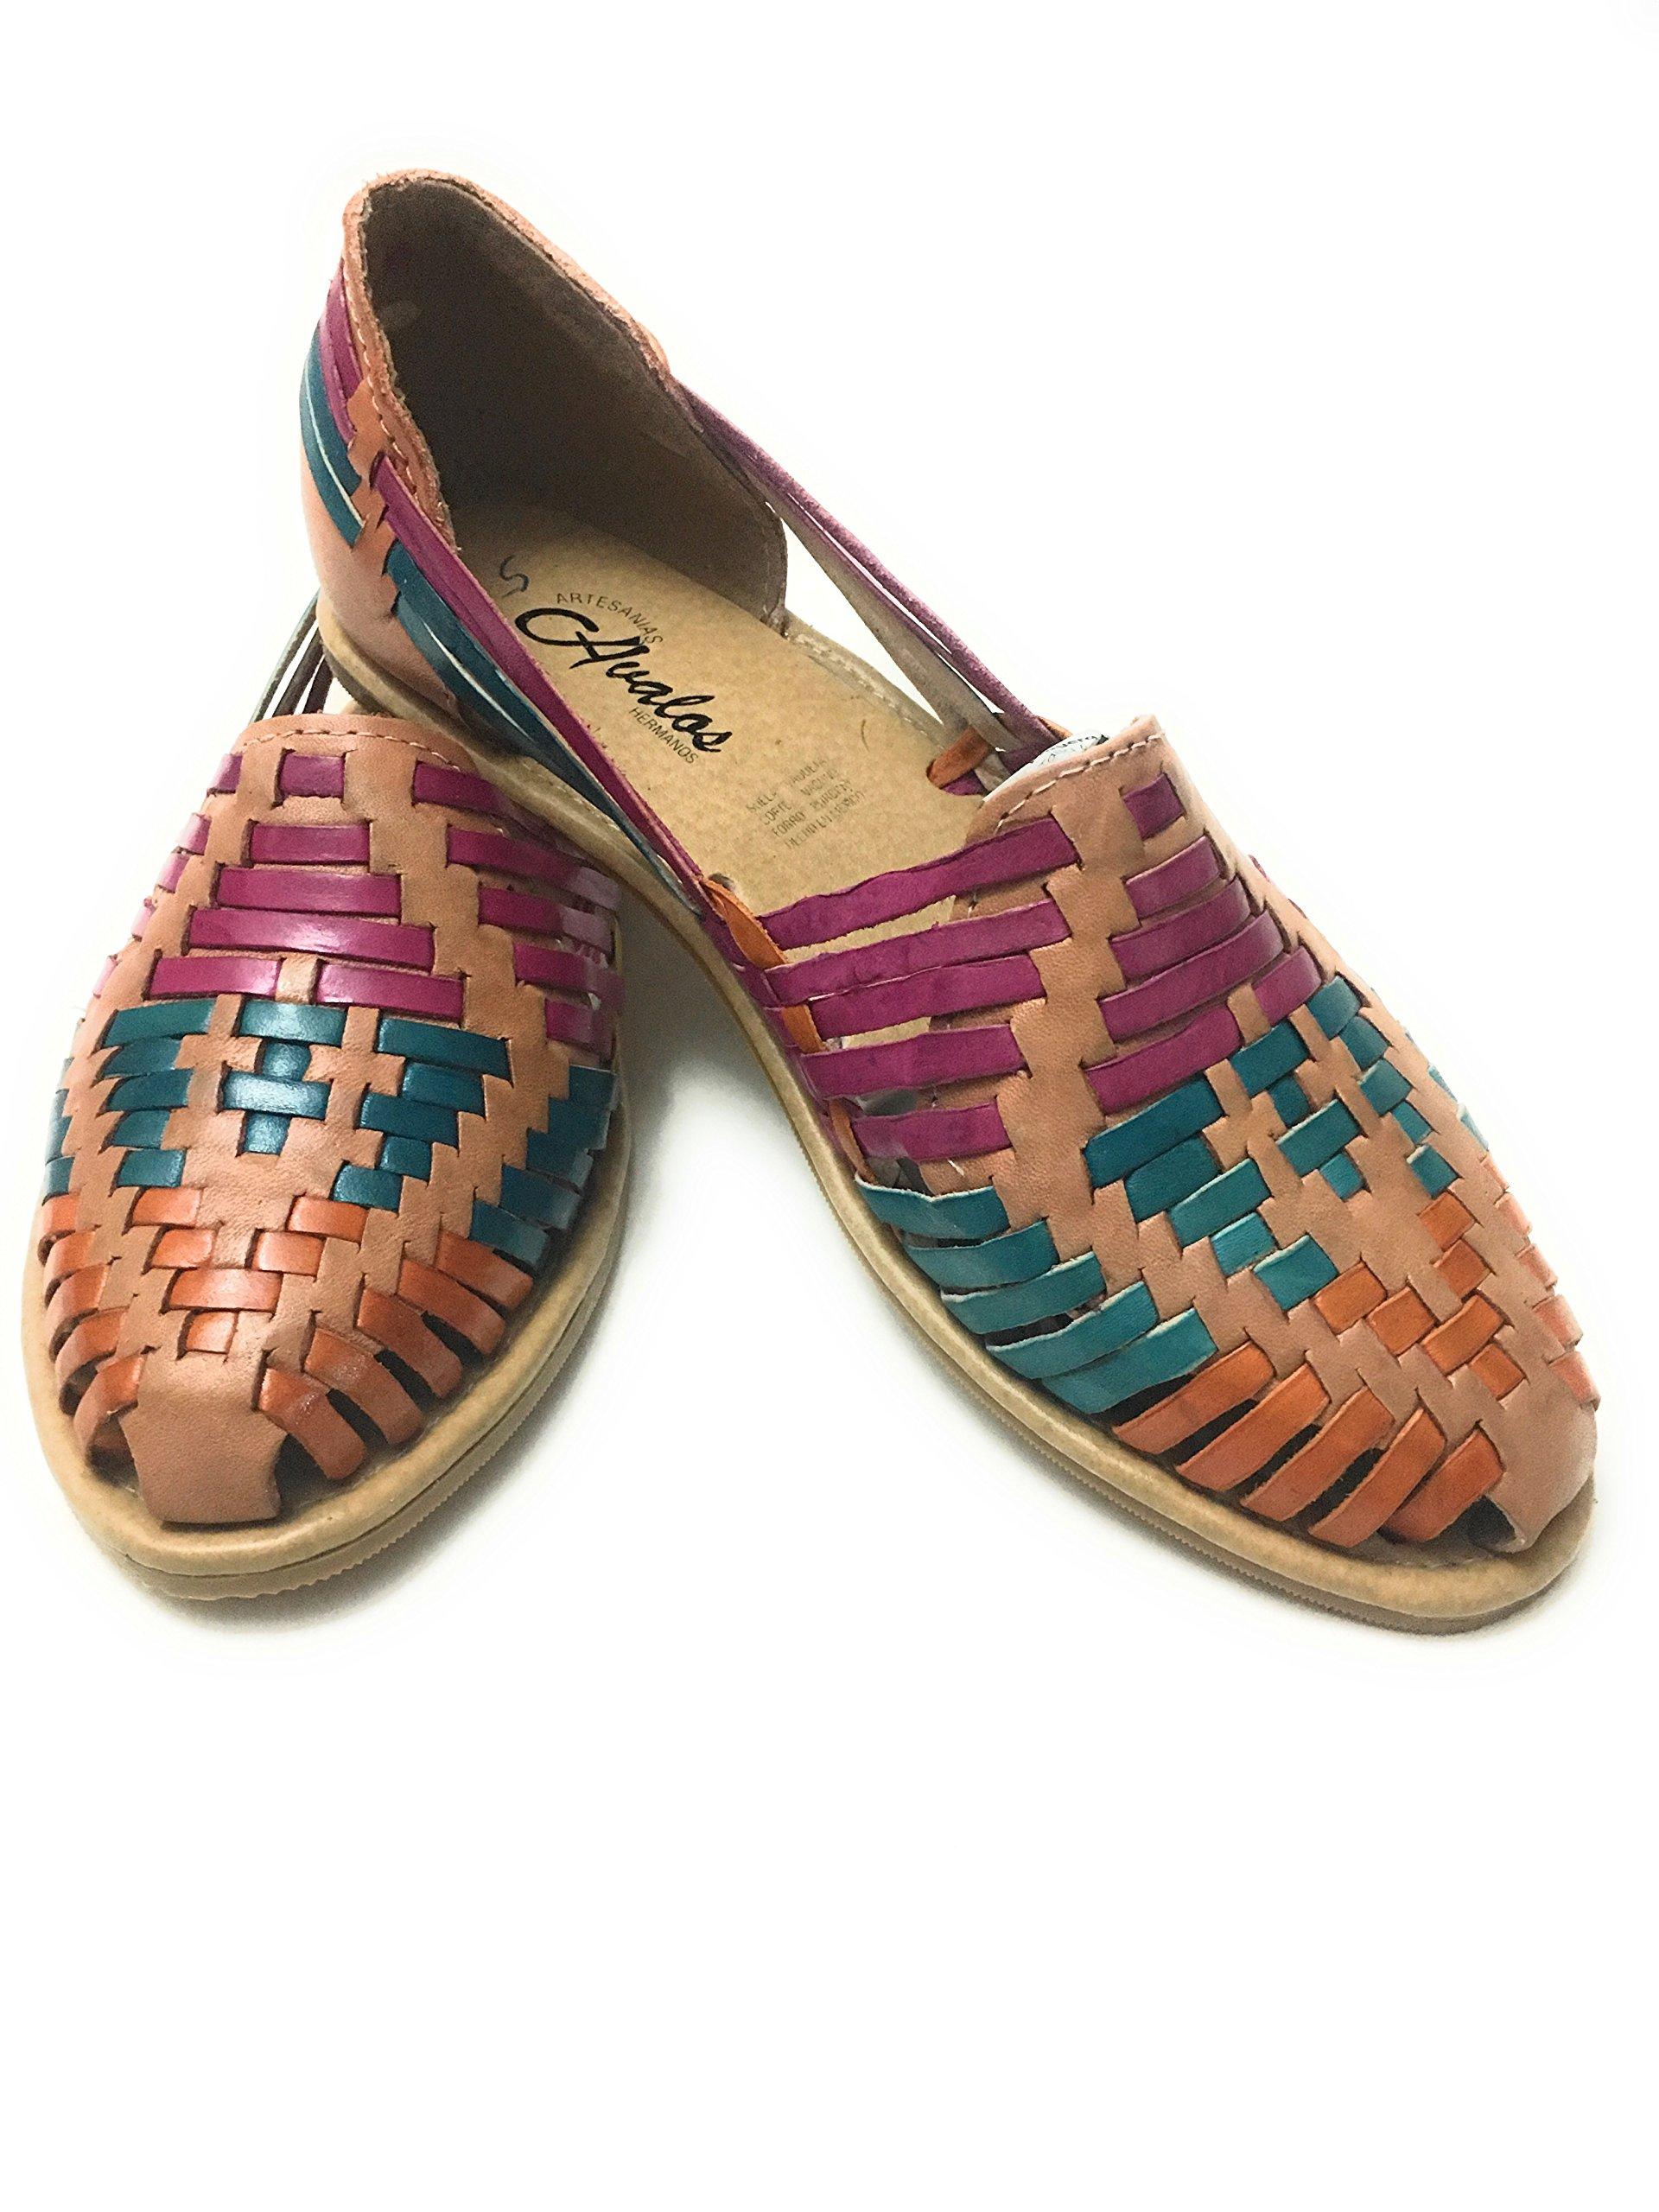 49bd86cf8ad5 Cheap Mens Huarache Sandals